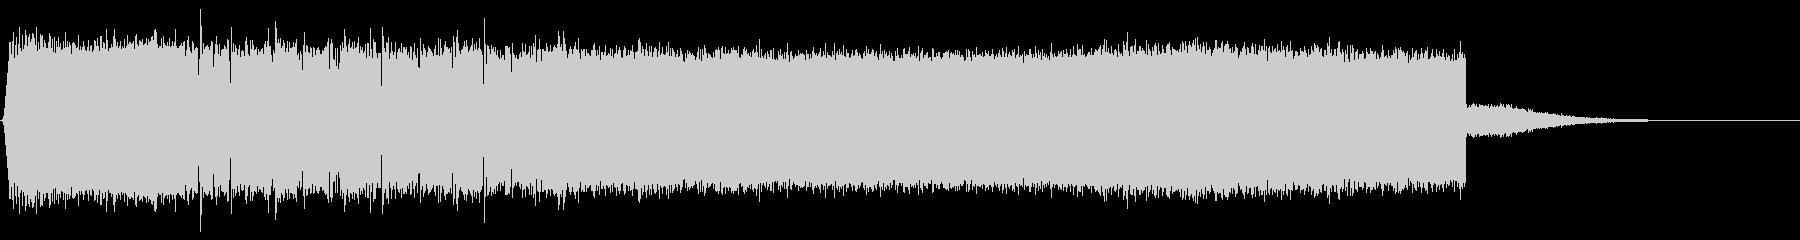 ワイルドスピナーの未再生の波形